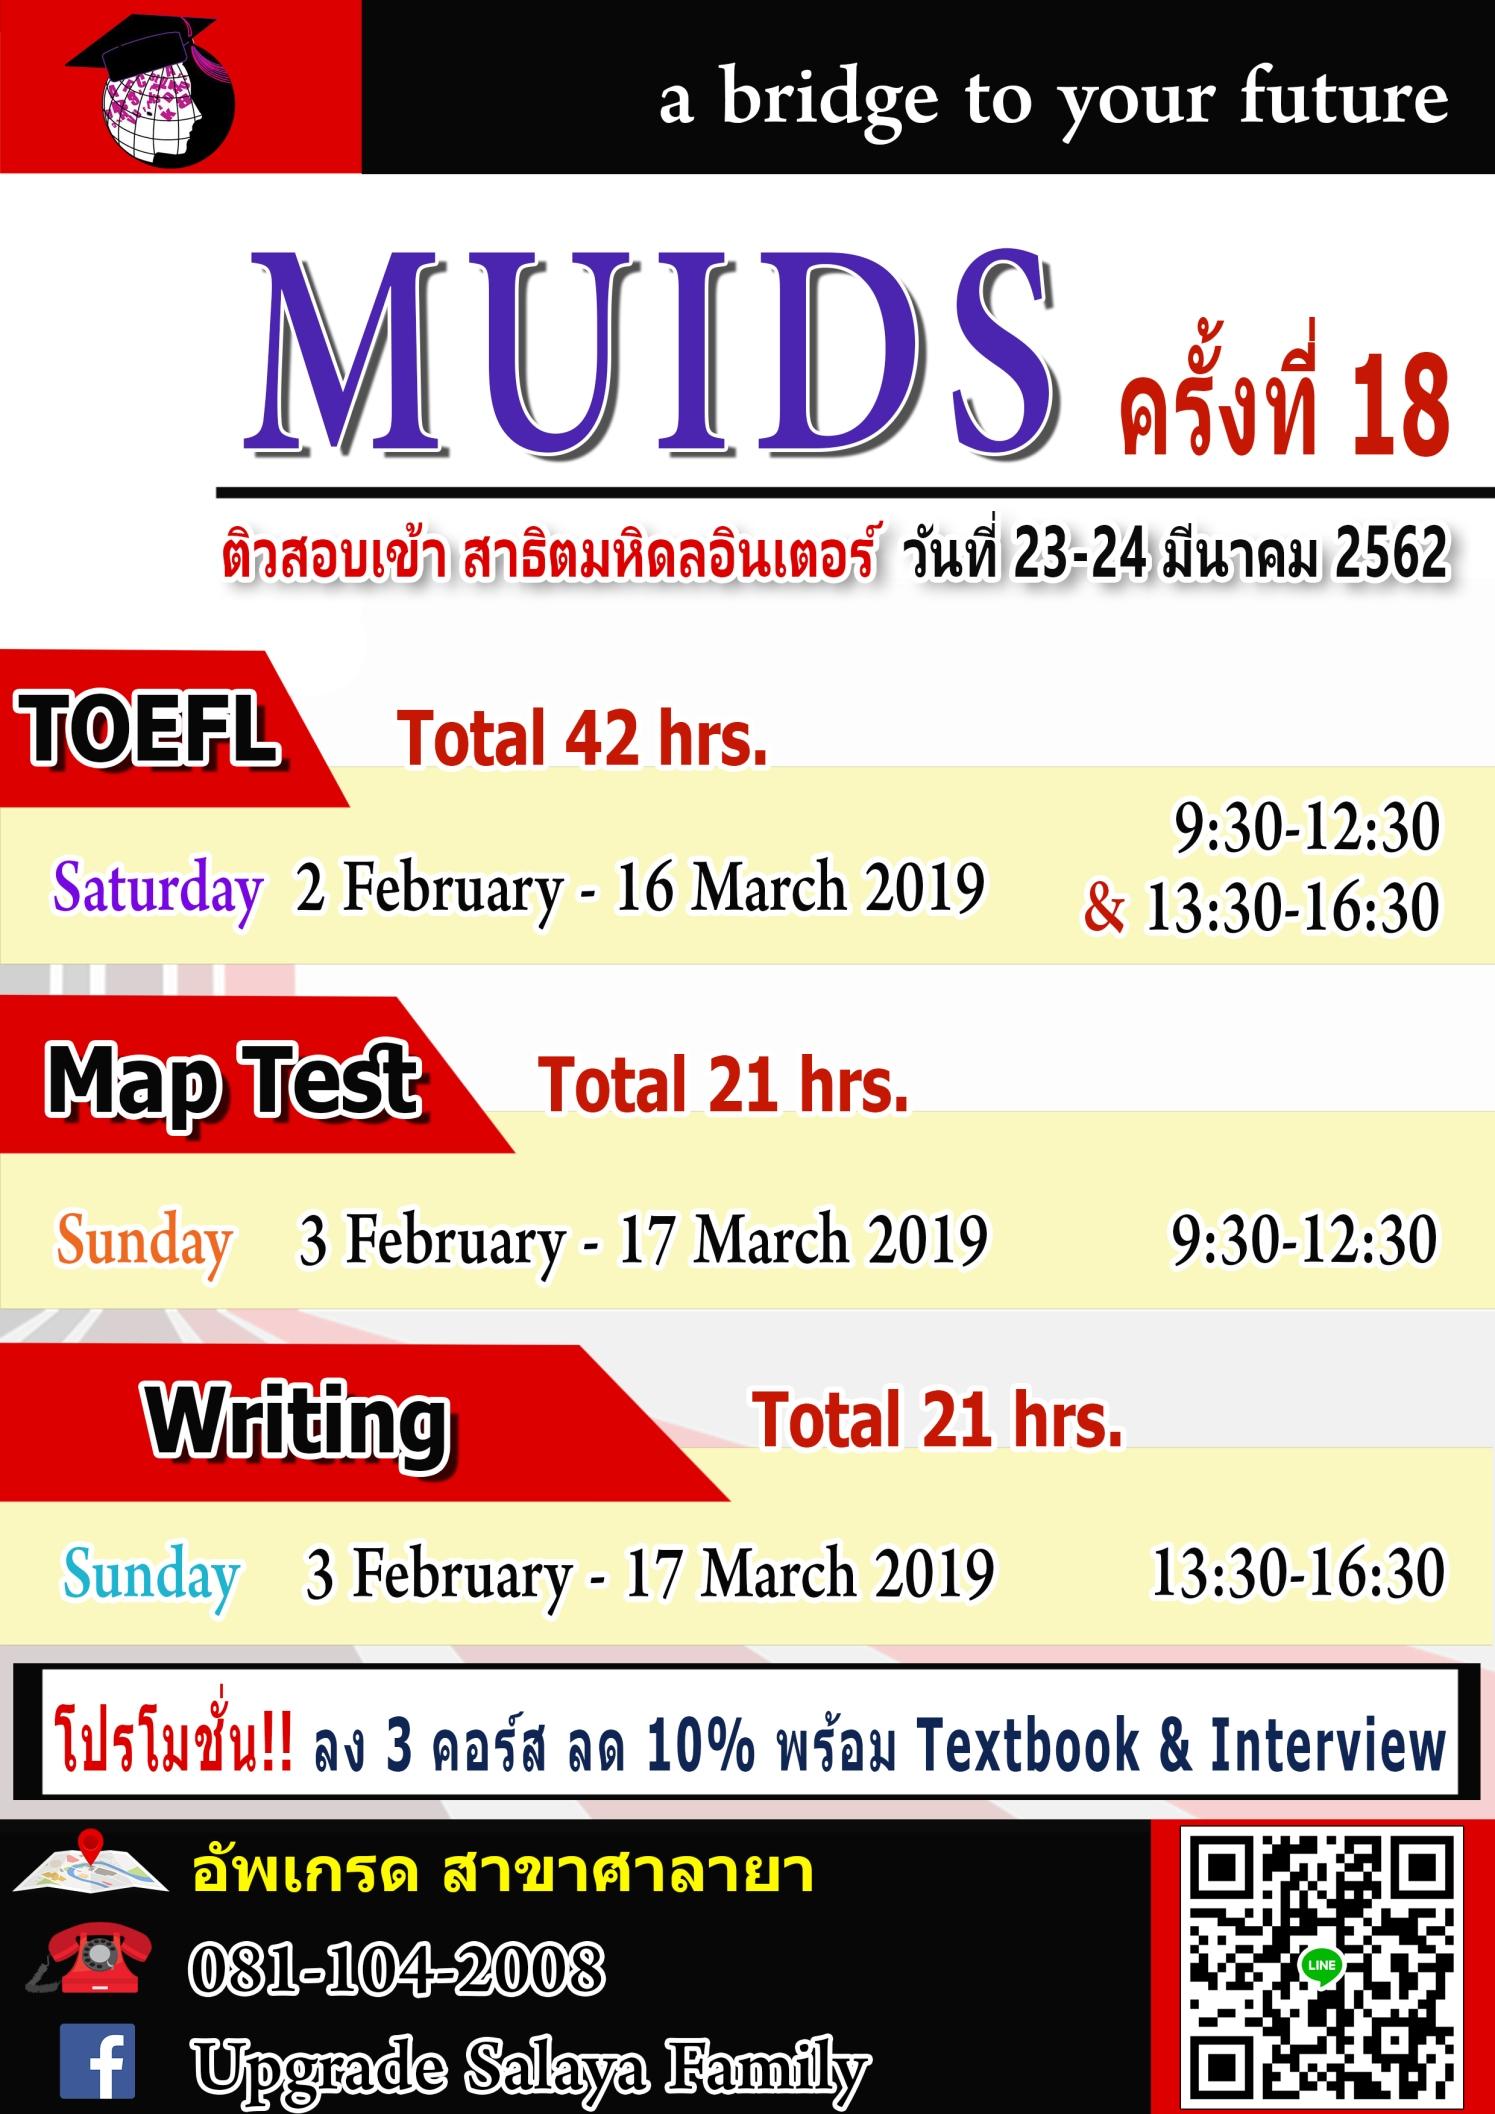 muids สอบ 23-24 มีนา ครั้งที่ 18 0000